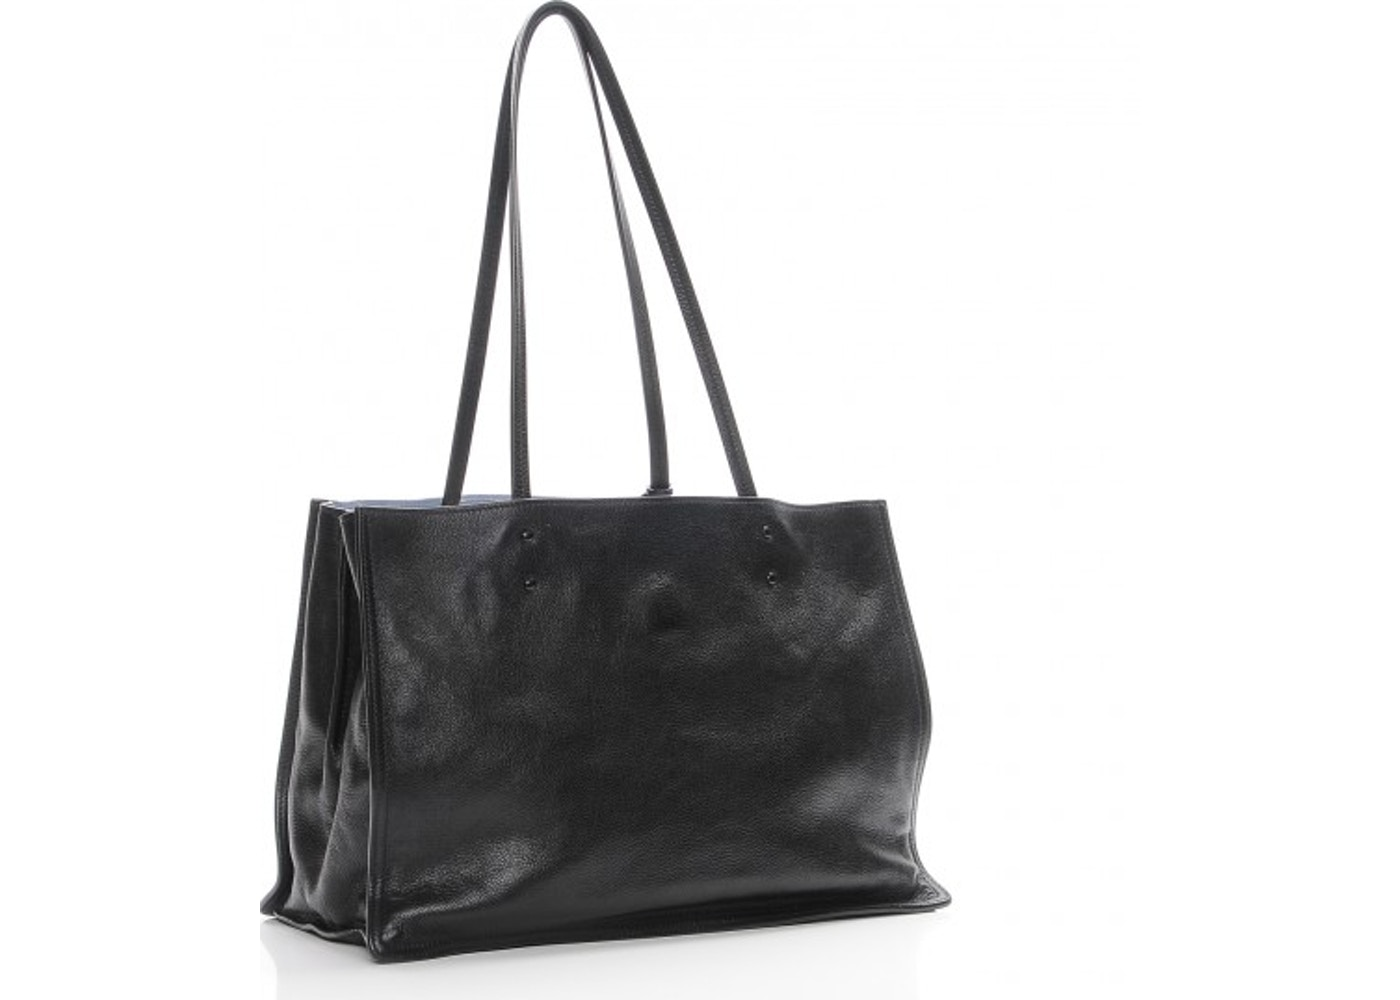 27c10e3ce8e5 Prada Etiquette Shopping Tote Glace Nero/Astrale